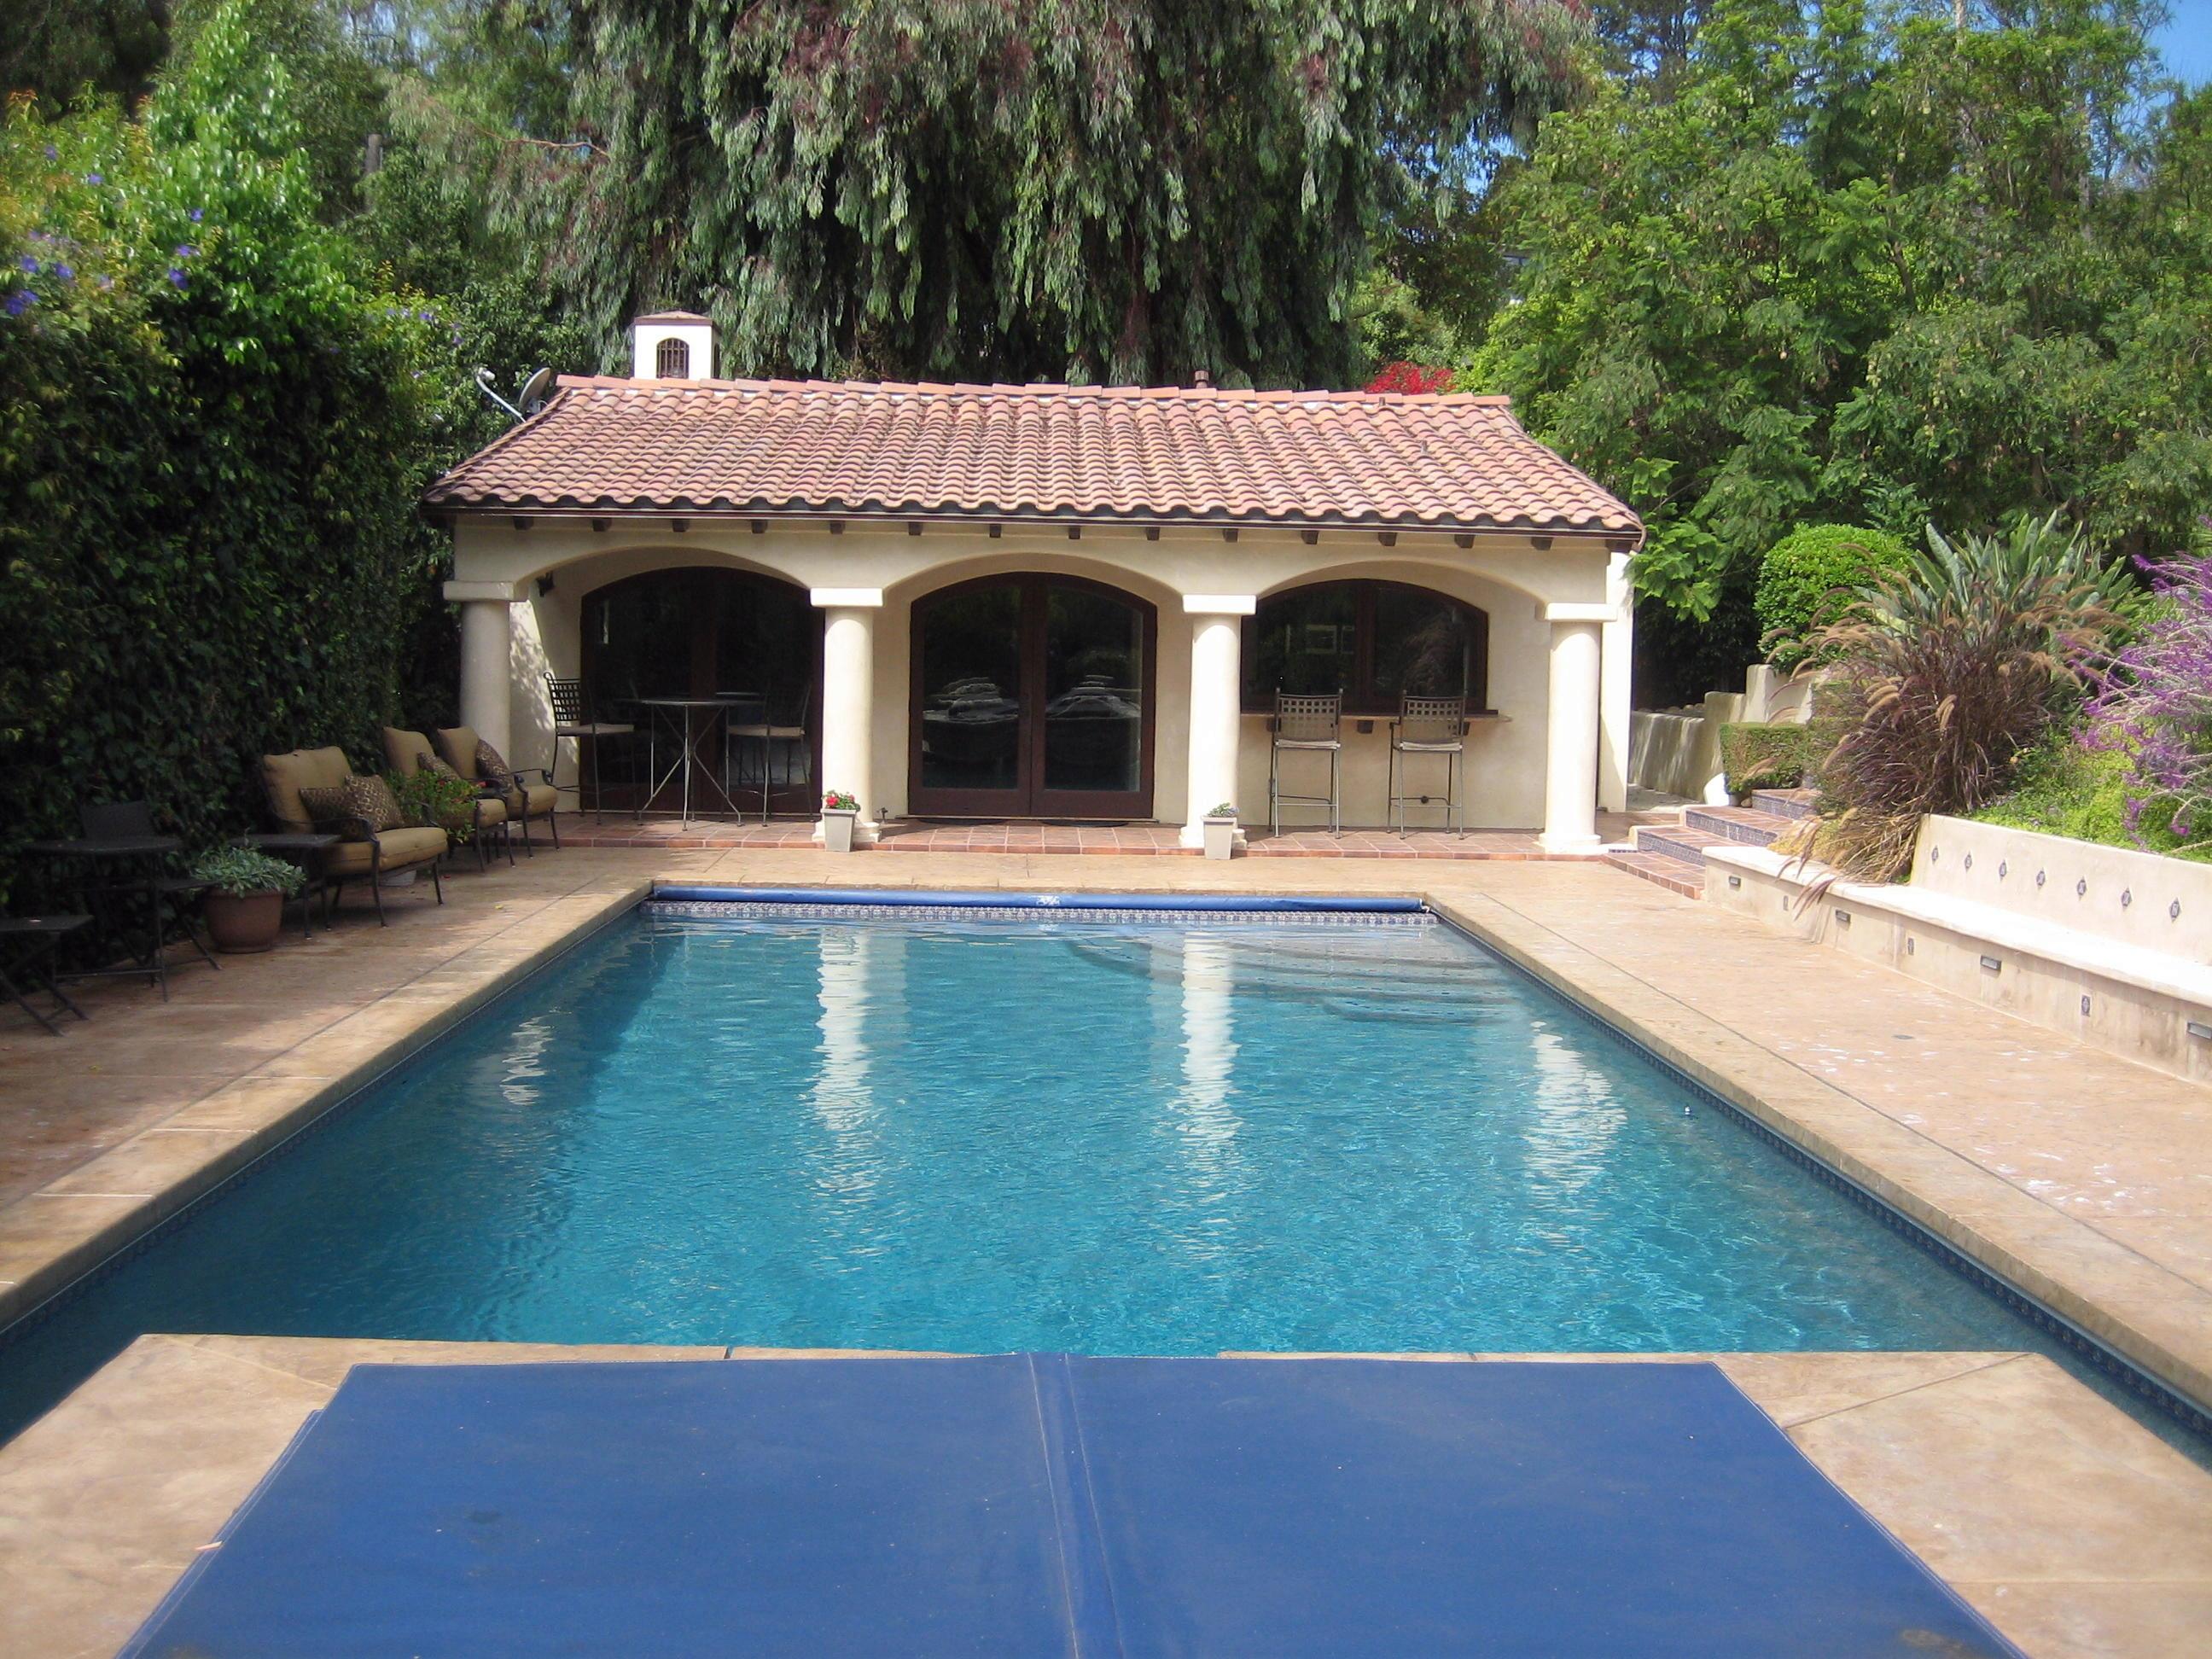 Pool houses martha picciotti ventura architect for Pool design ventura